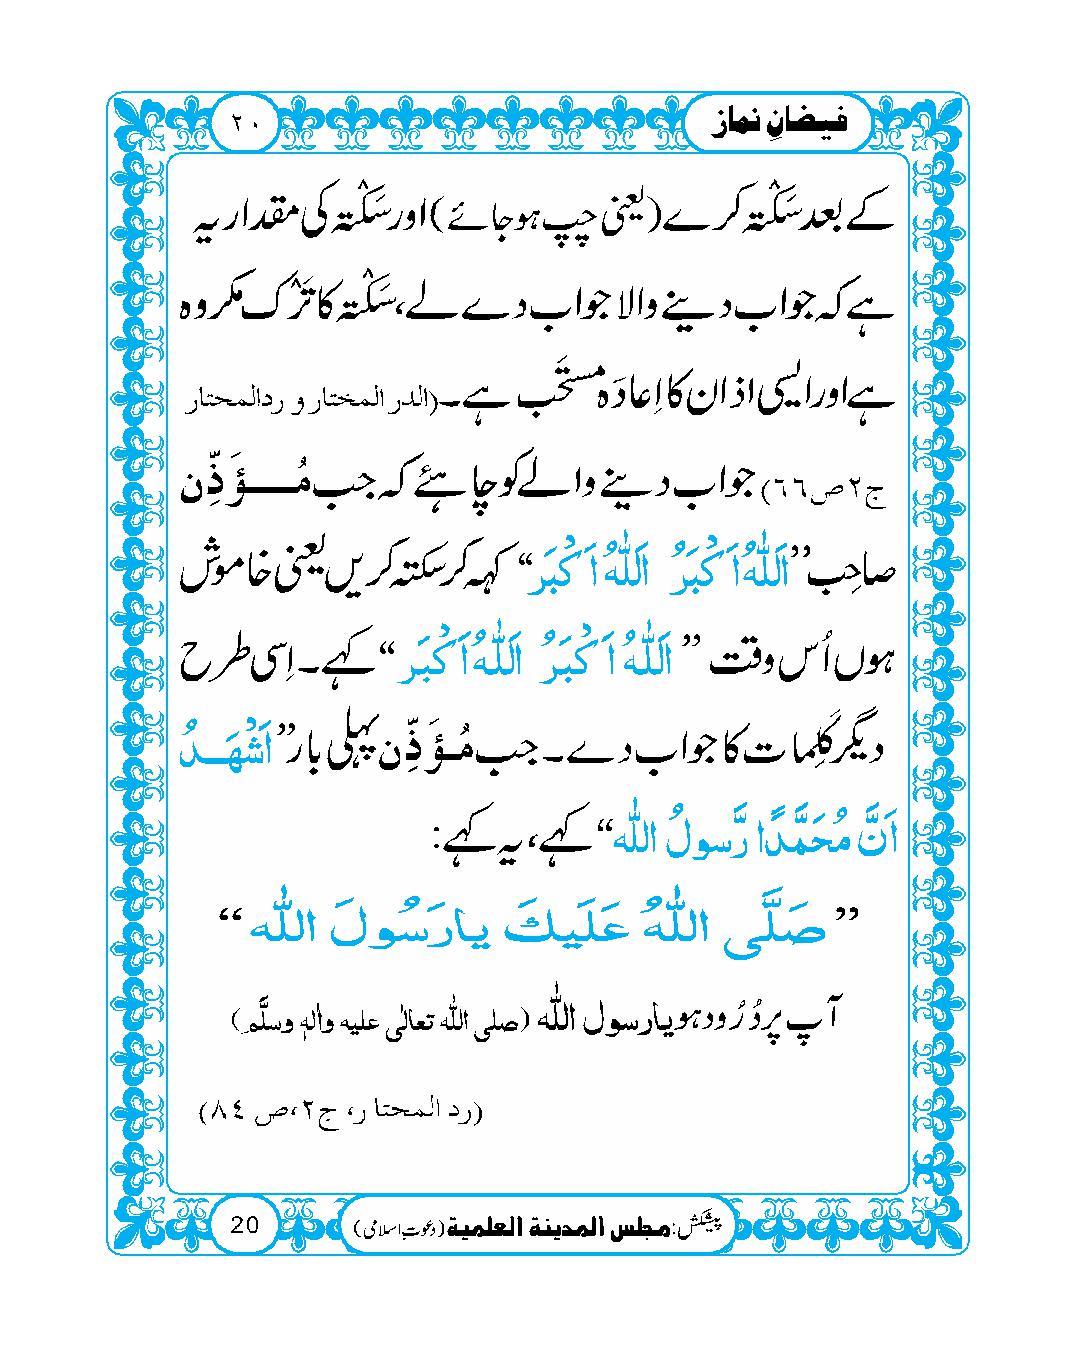 page No 20